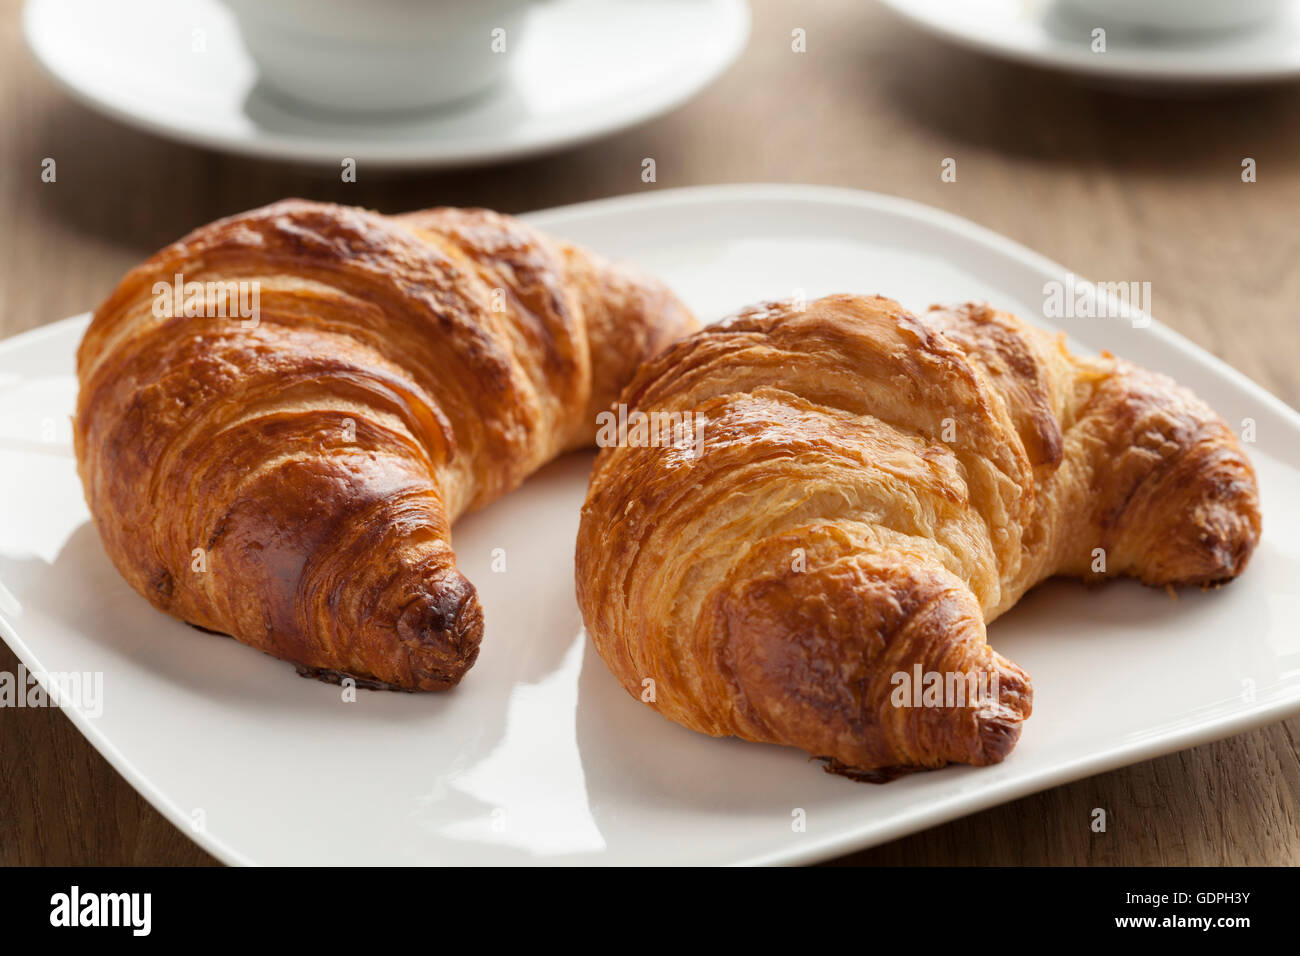 Plat avec des petits croissants pour le petit déjeuner Photo Stock